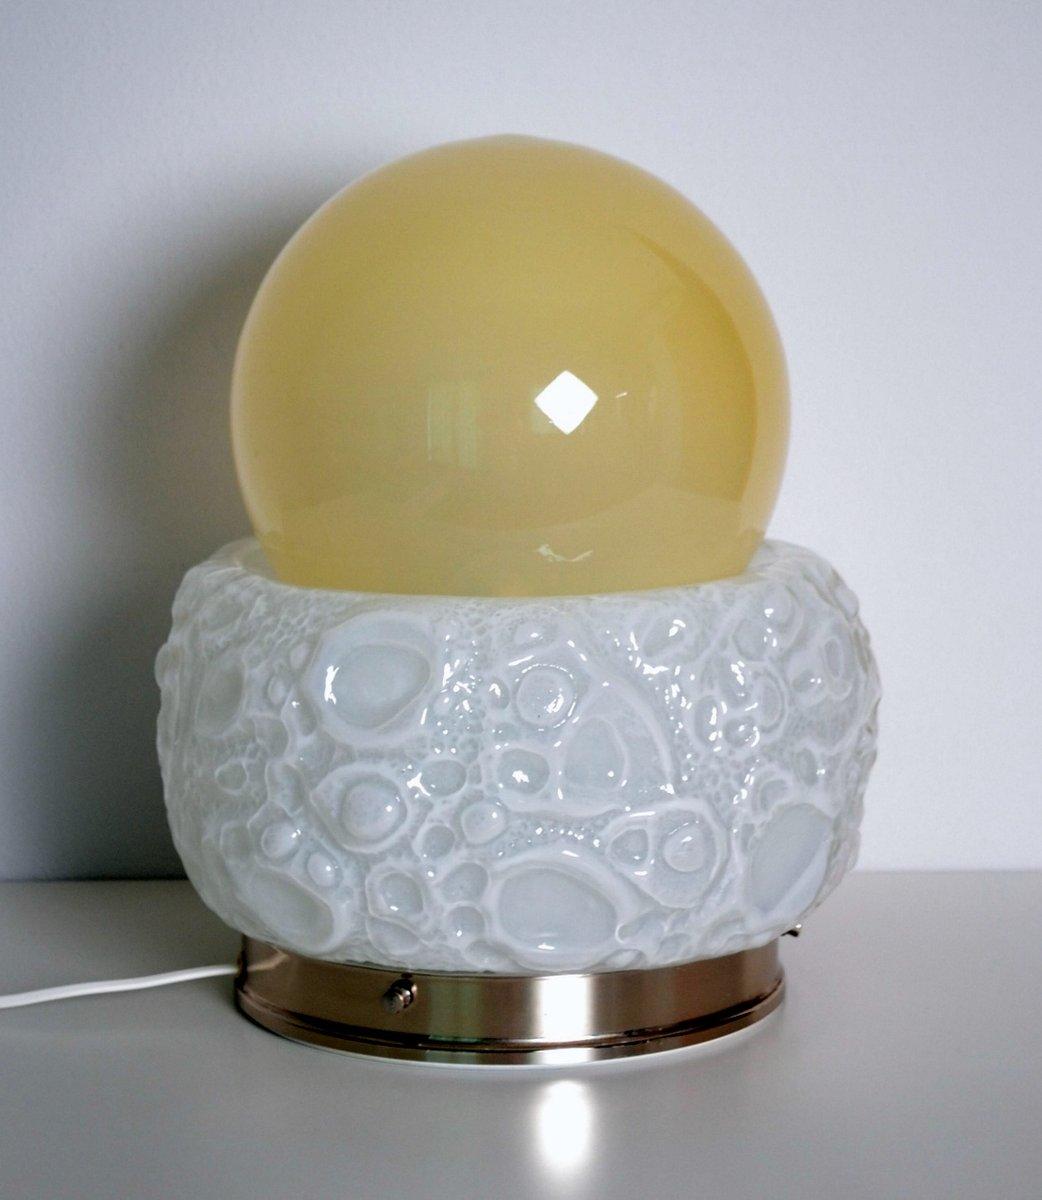 Modell Osso Murano Glas Tischlampe von Mazzega, 1970er